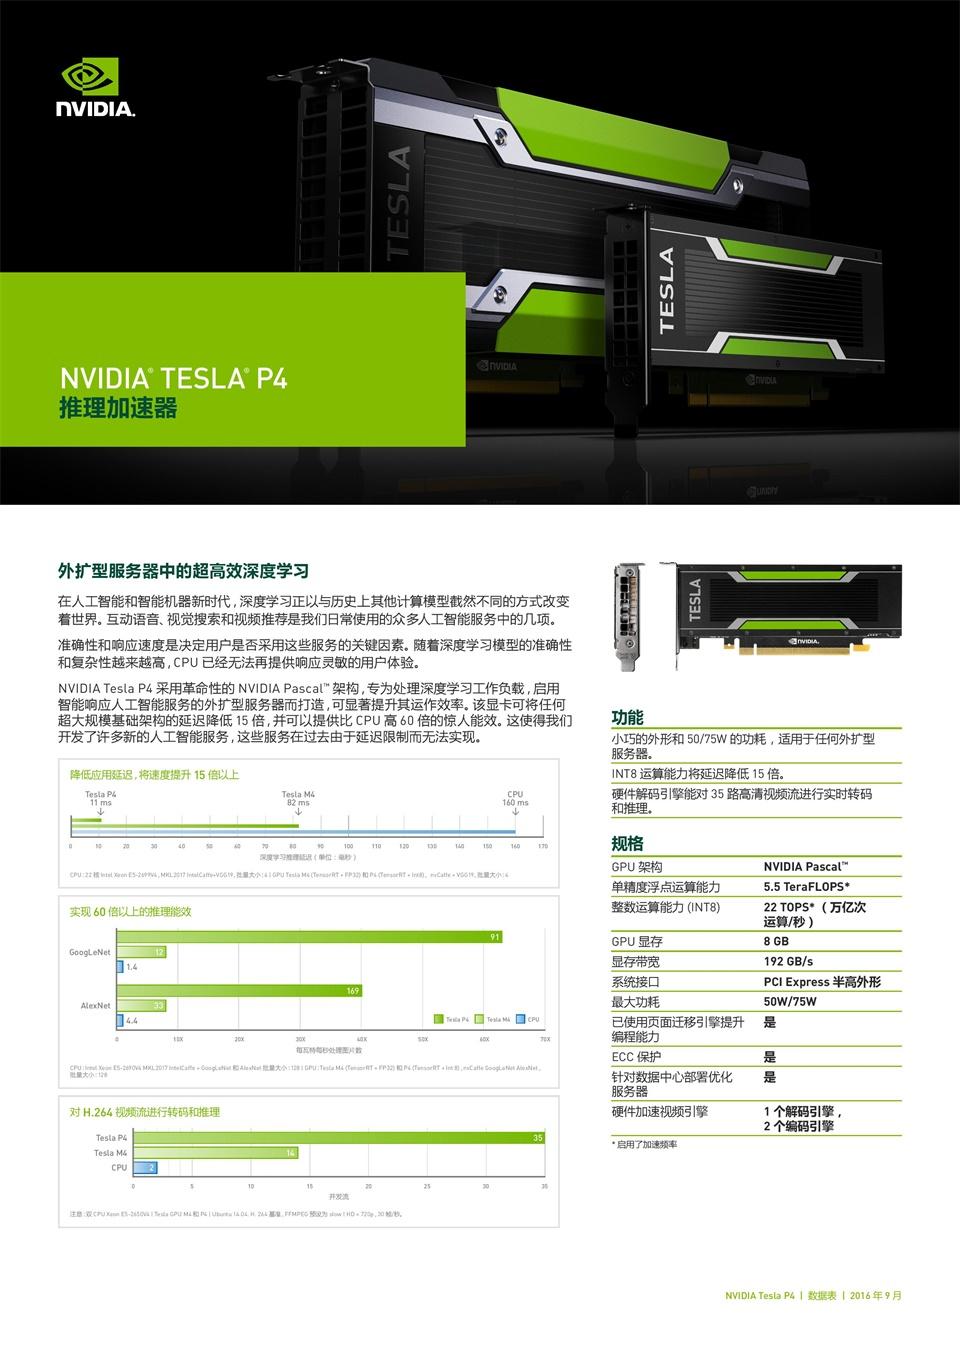 英伟达 TESLA  P4 8GB GDDR5/CUDA 加速HPC超算显卡